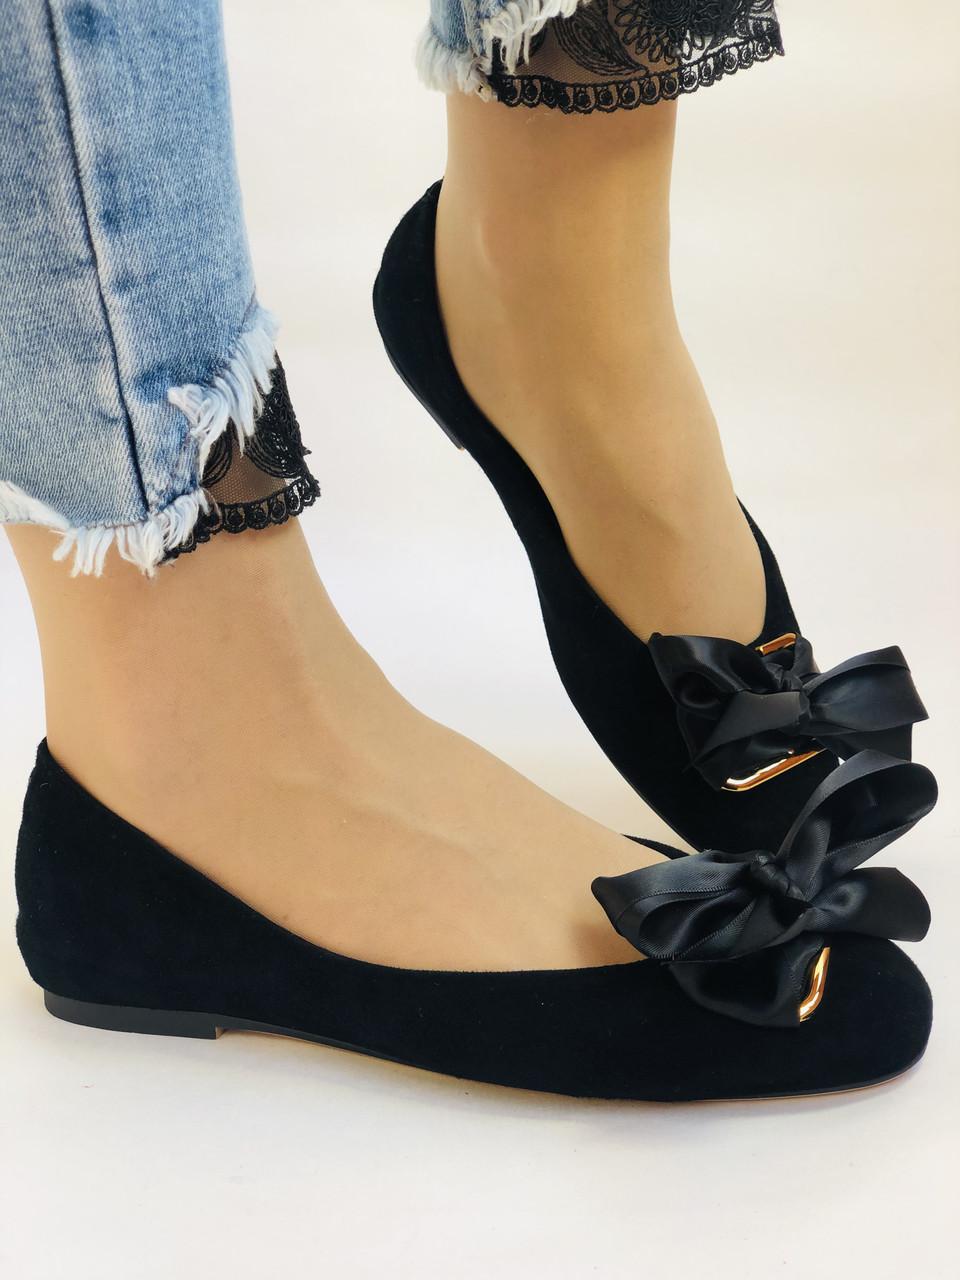 Стильні! Жіночі туфлі -балетки з натуральної шкіри 35-40. Супер комфорт.Vellena